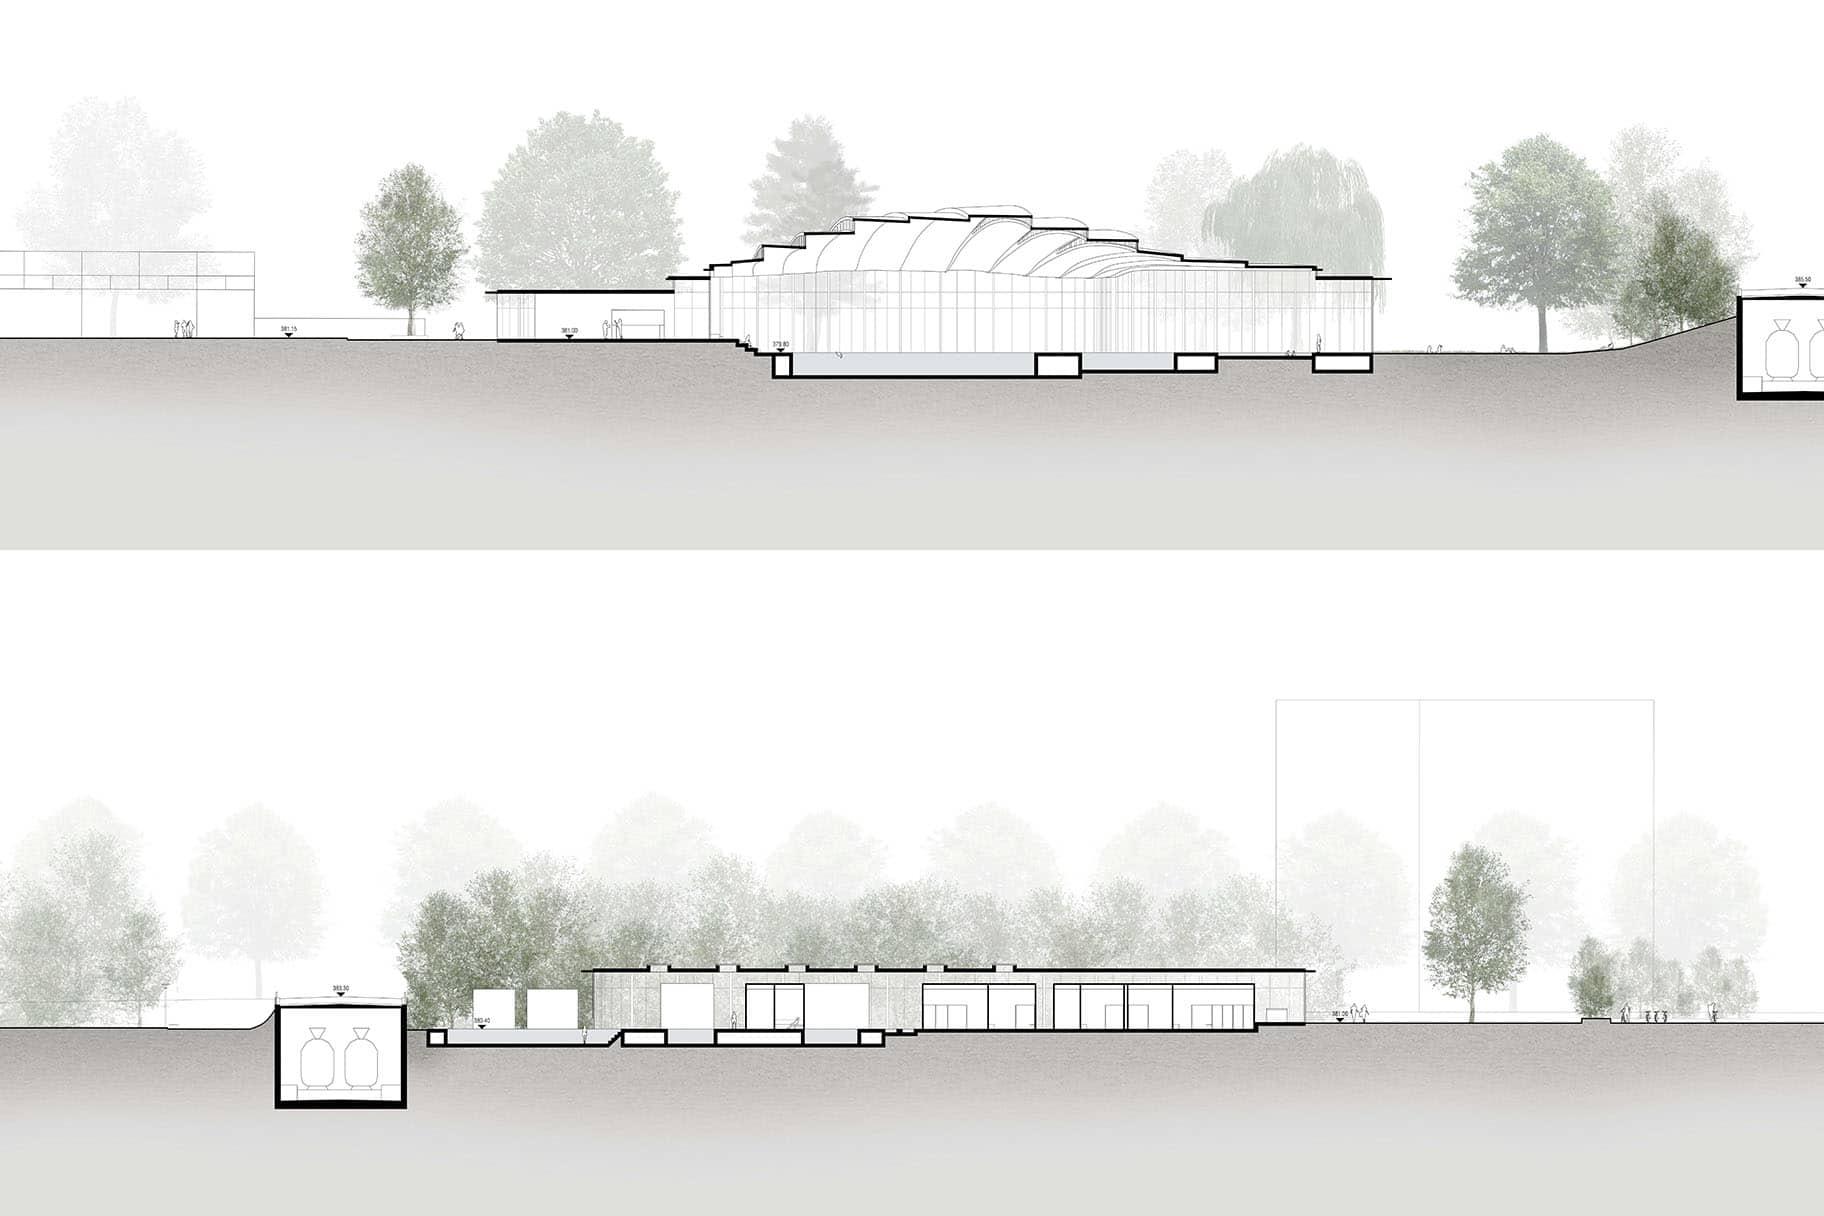 coupes-concours-piscine-fontenette-carouge-projet-vimade-architectes-paysagistes-collinfontaine-paysage-parc-ceva